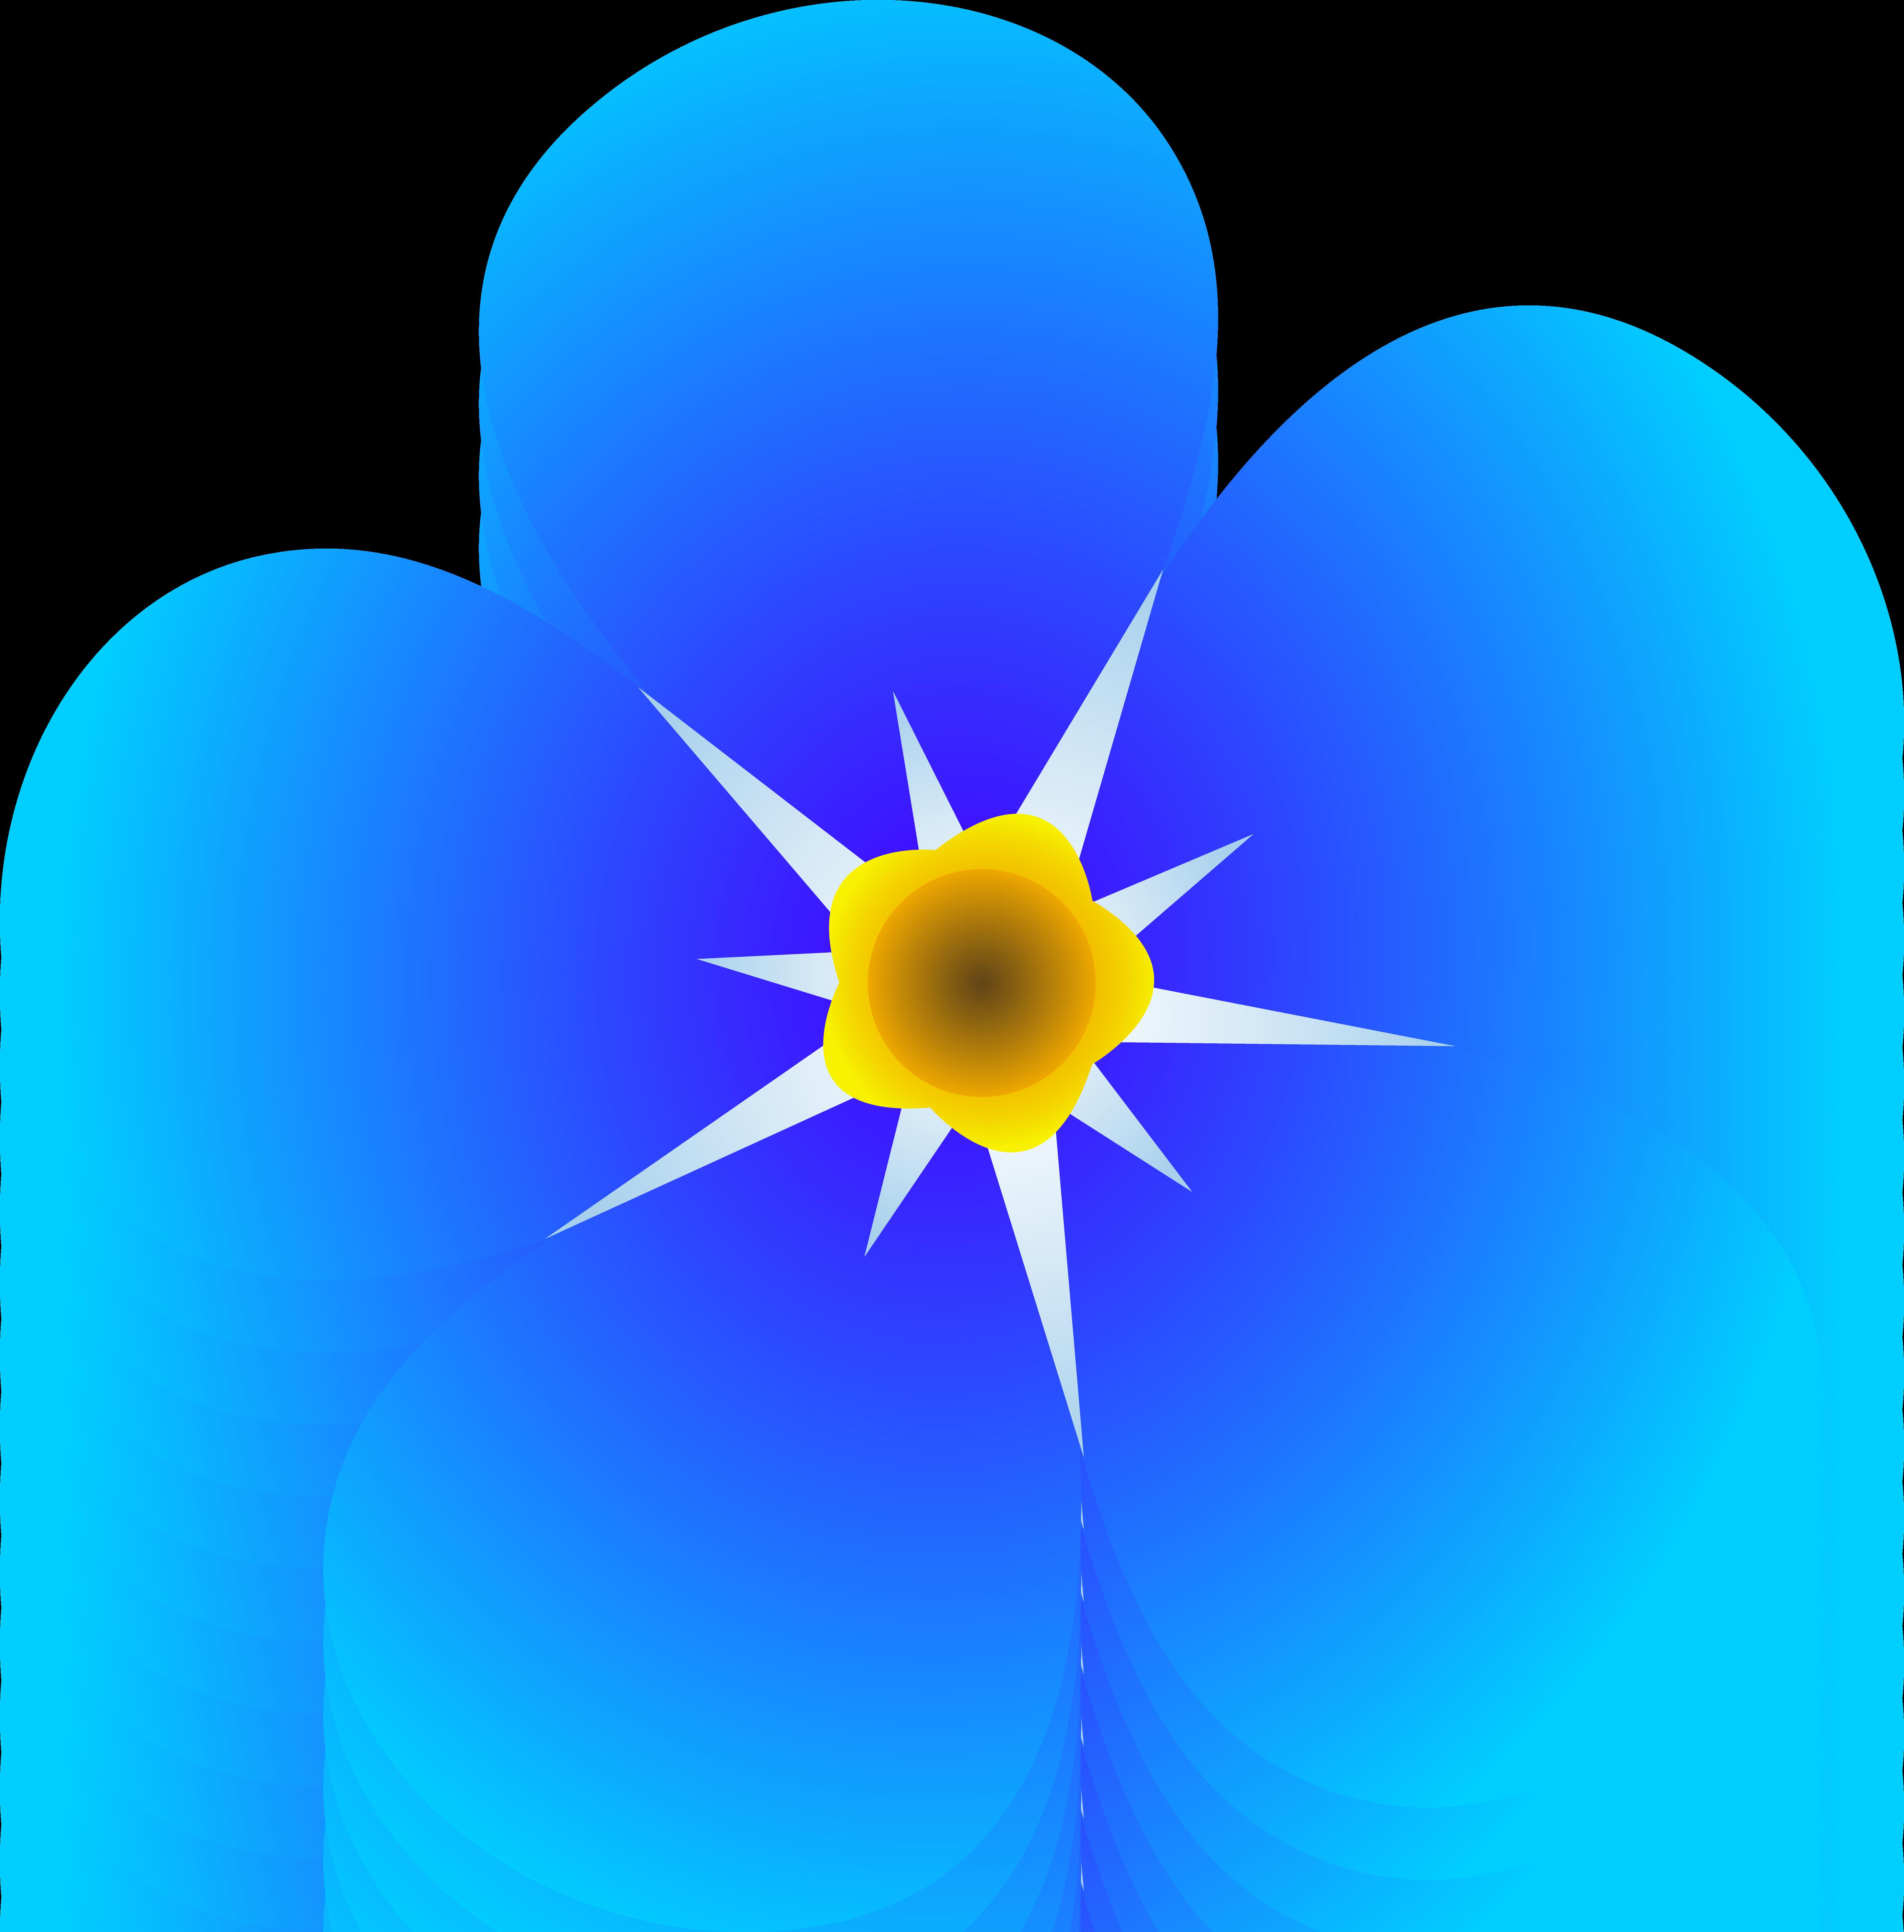 Blue Flower Clip Art-Blue Flower Clip Art-1